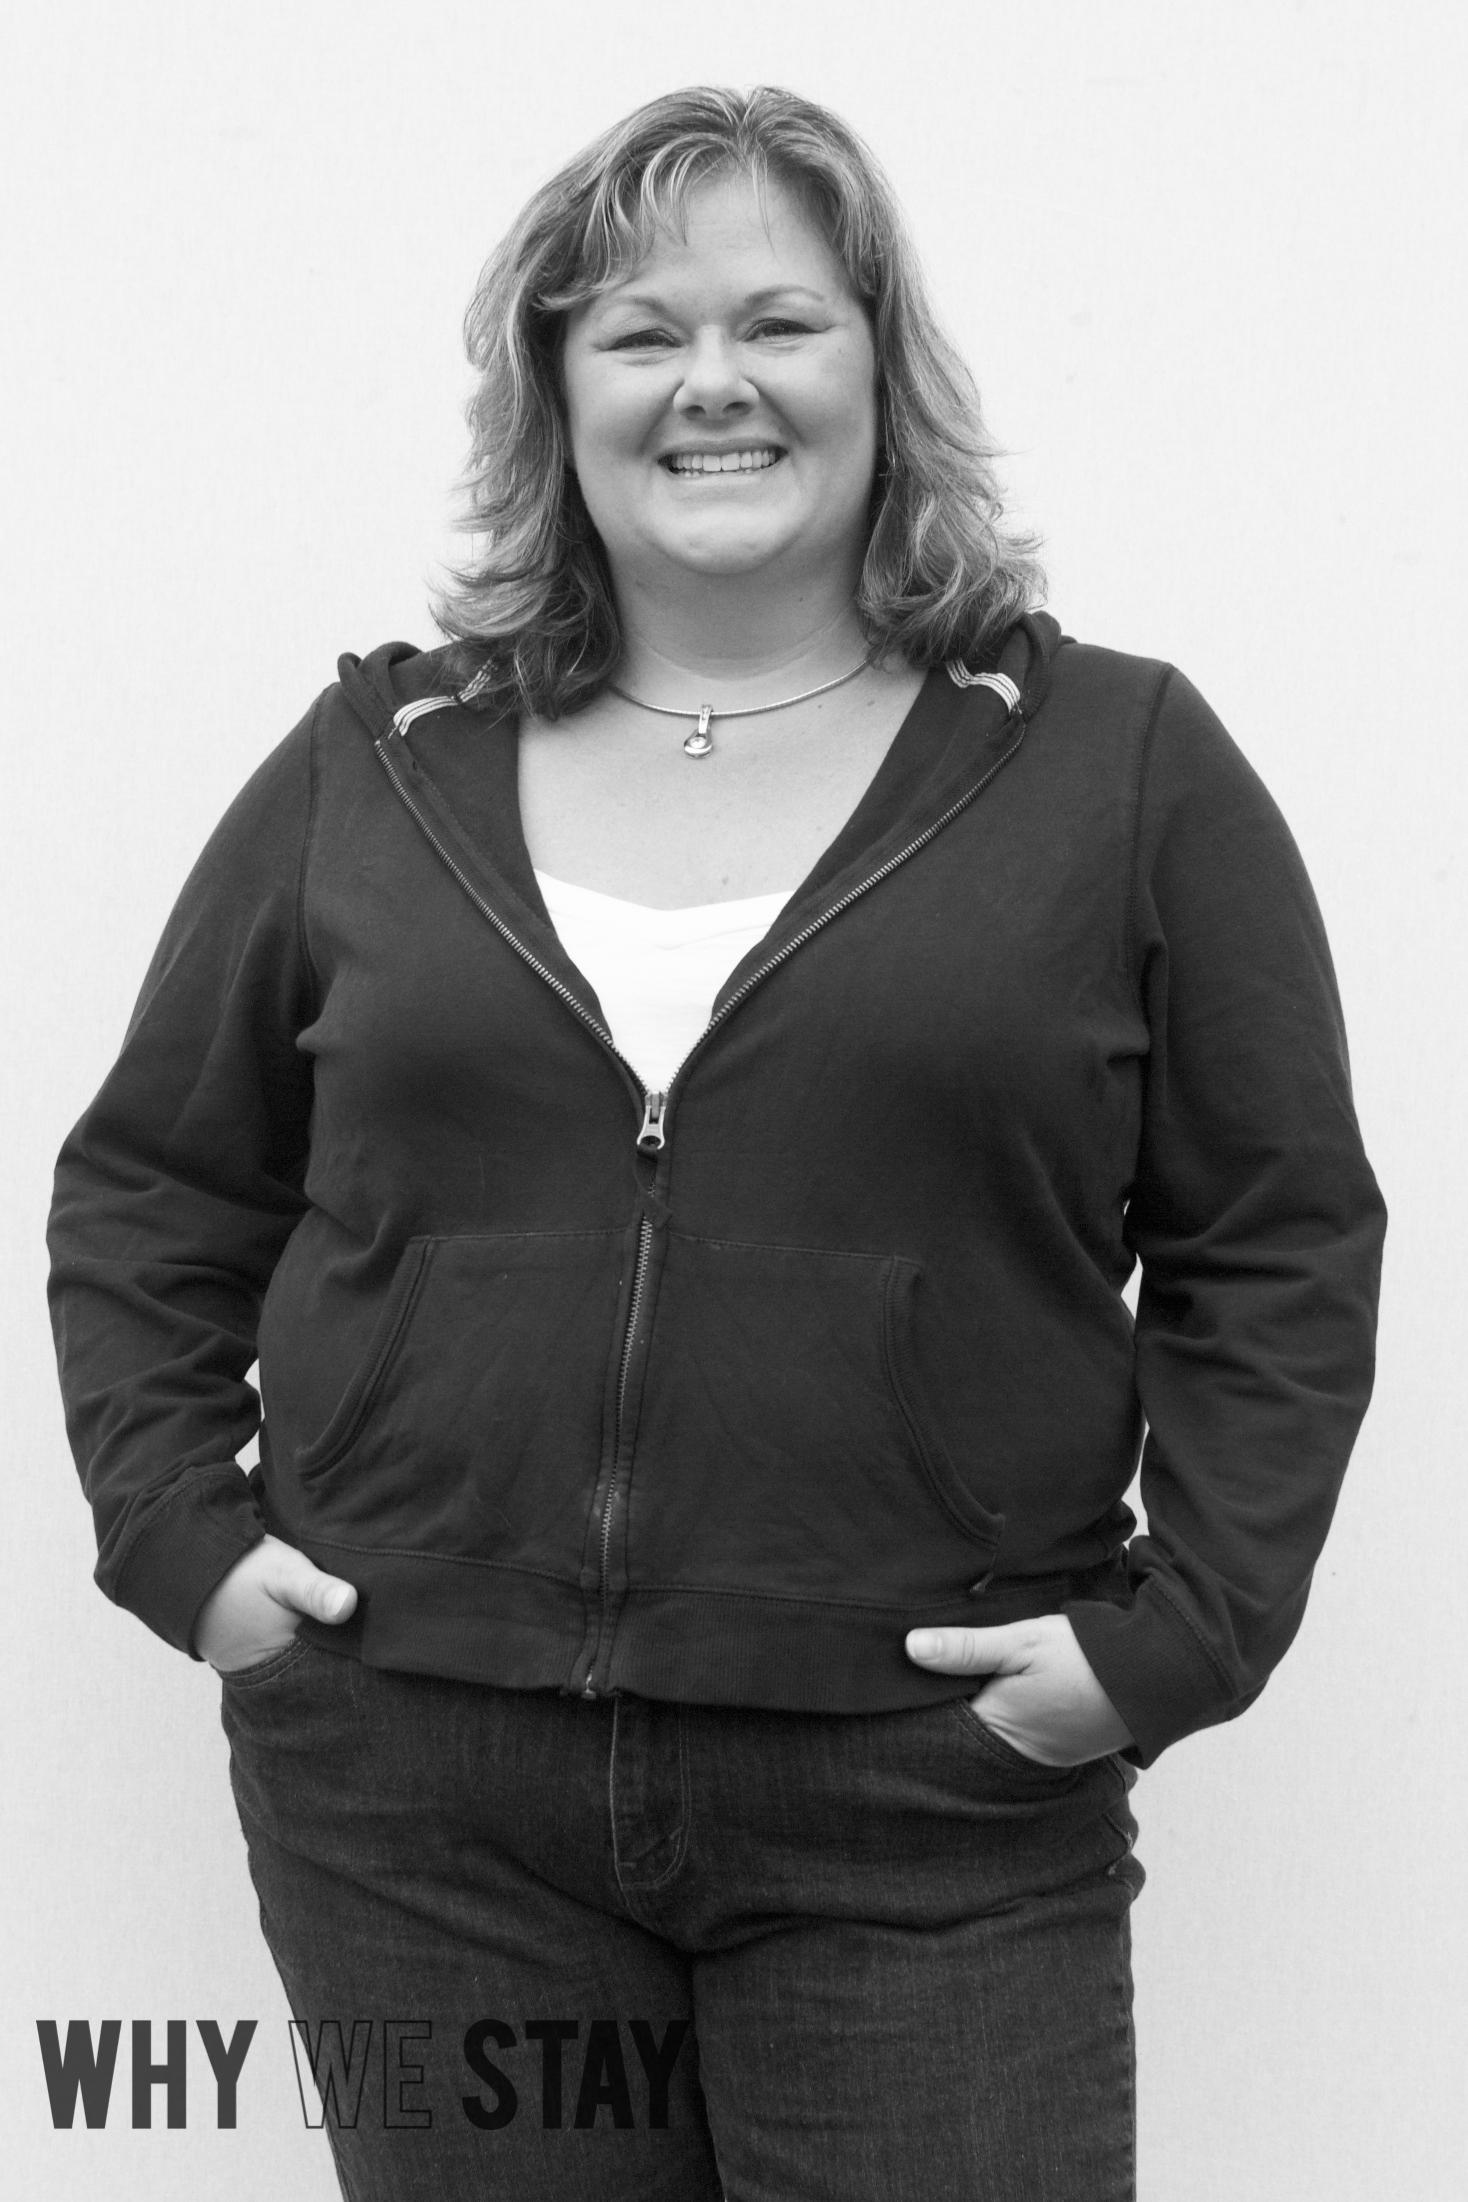 Ellen Trottier-Stender